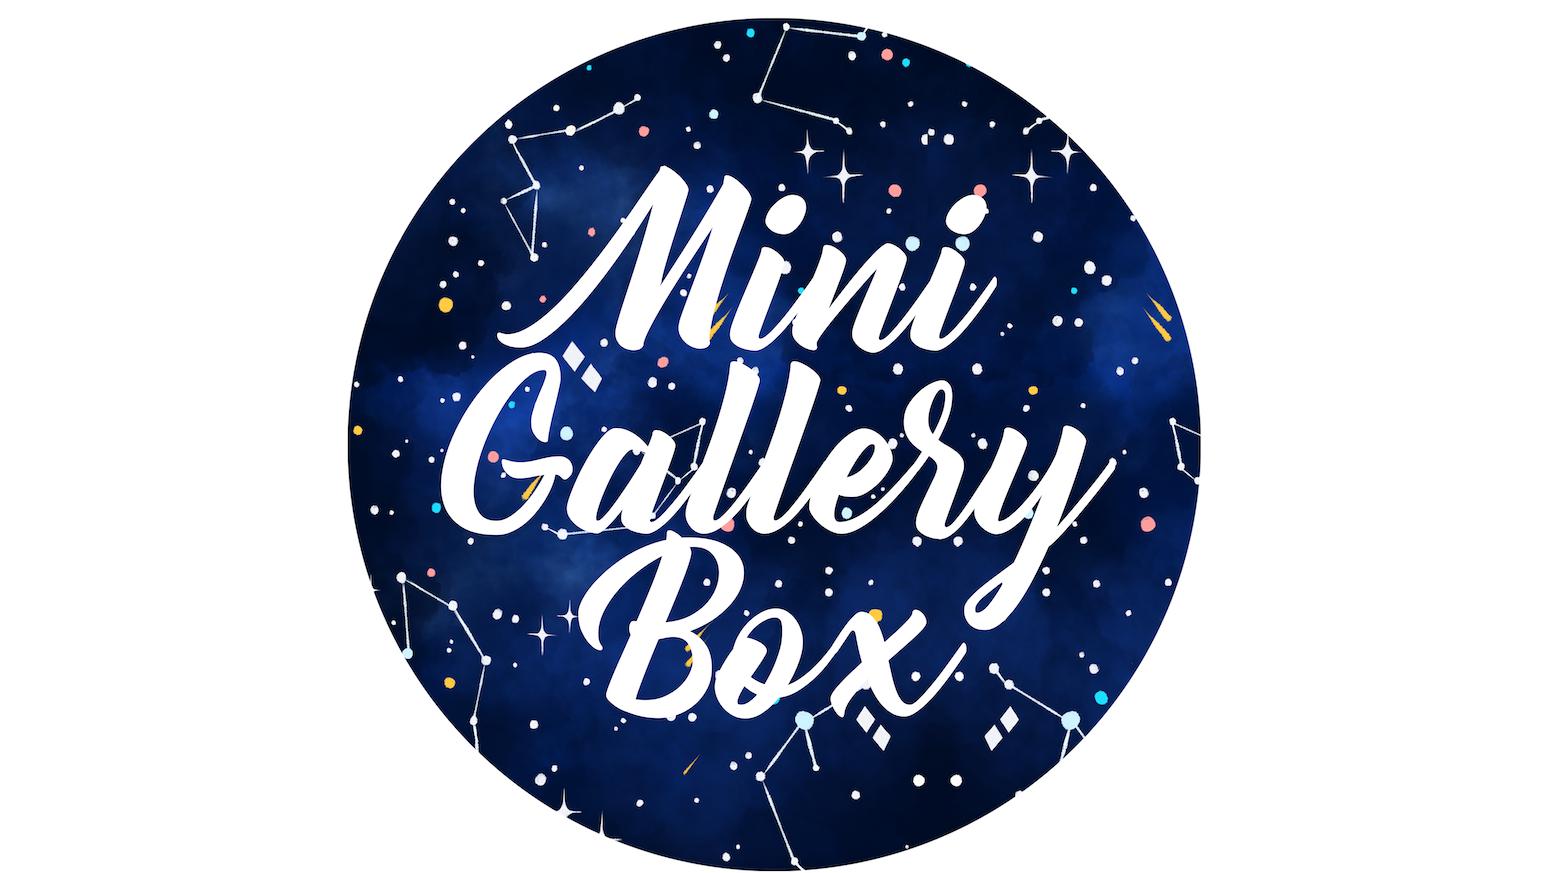 Mini In De Box.Mini Gallery Box By Mini Gallery Box Kickstarter